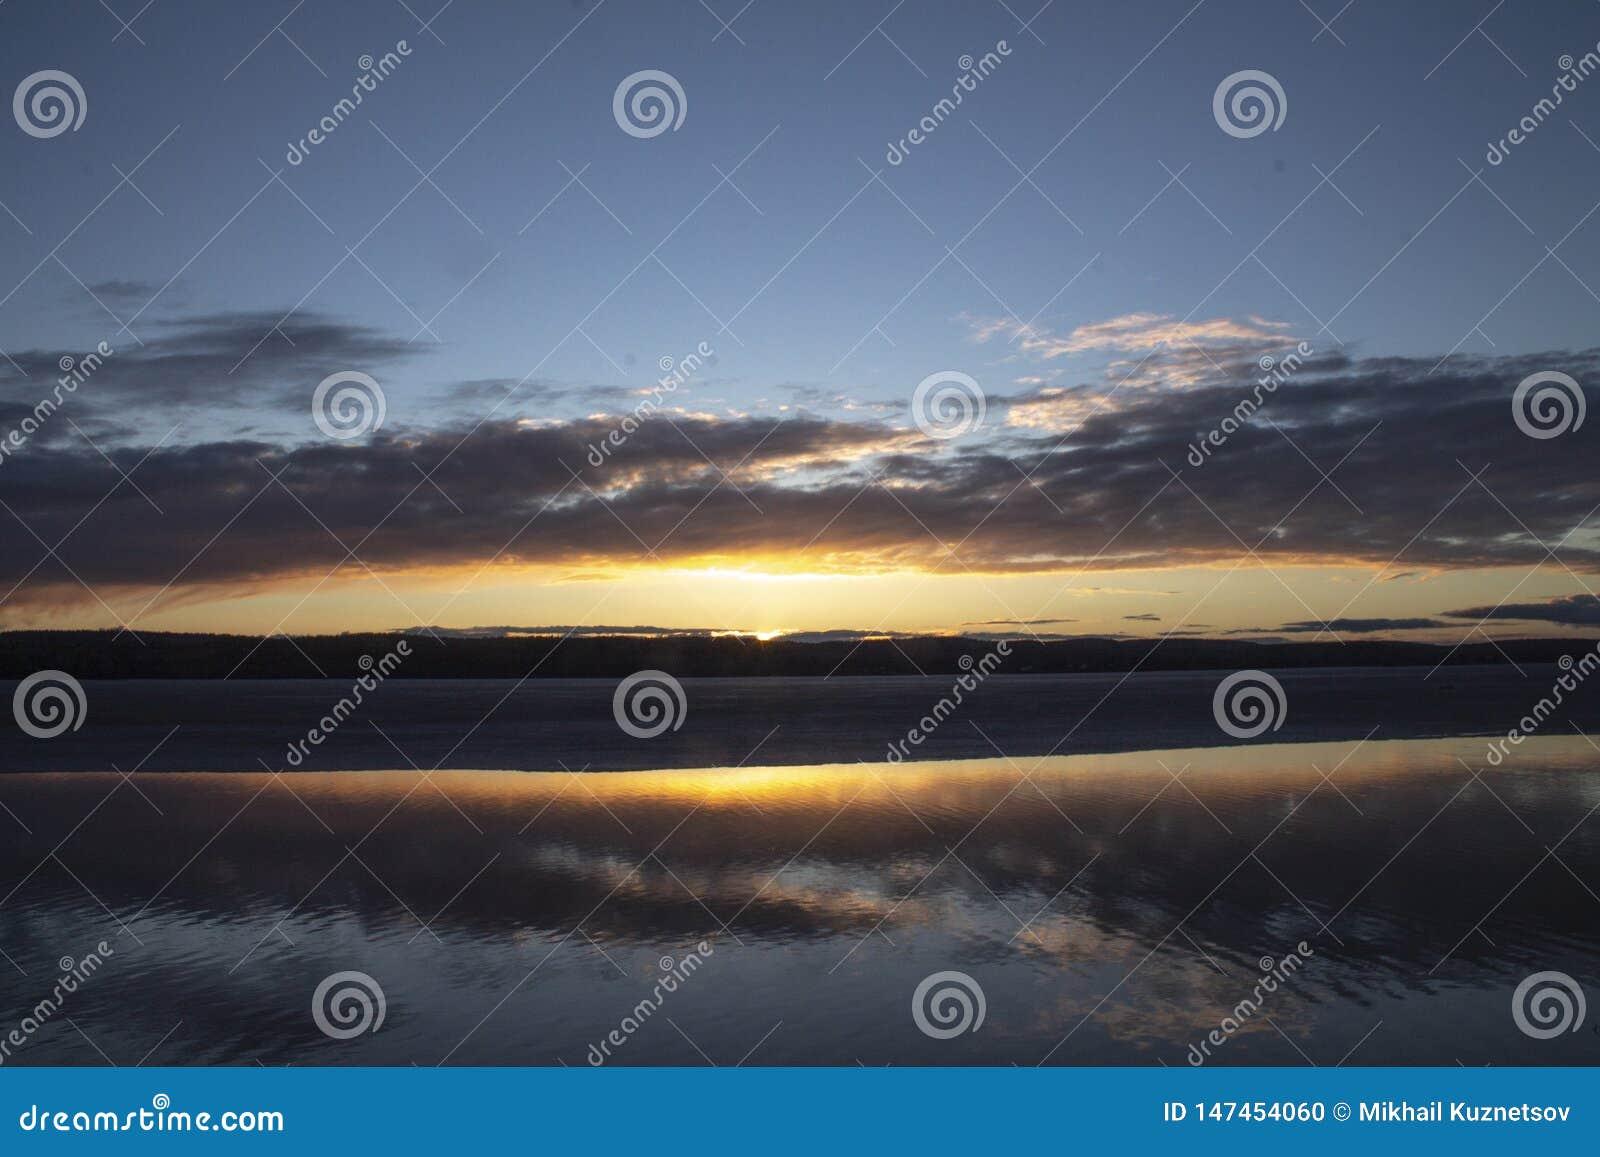 Ουρανός ηλιοβασιλέματος στη λίμνη με τα σύννεφα